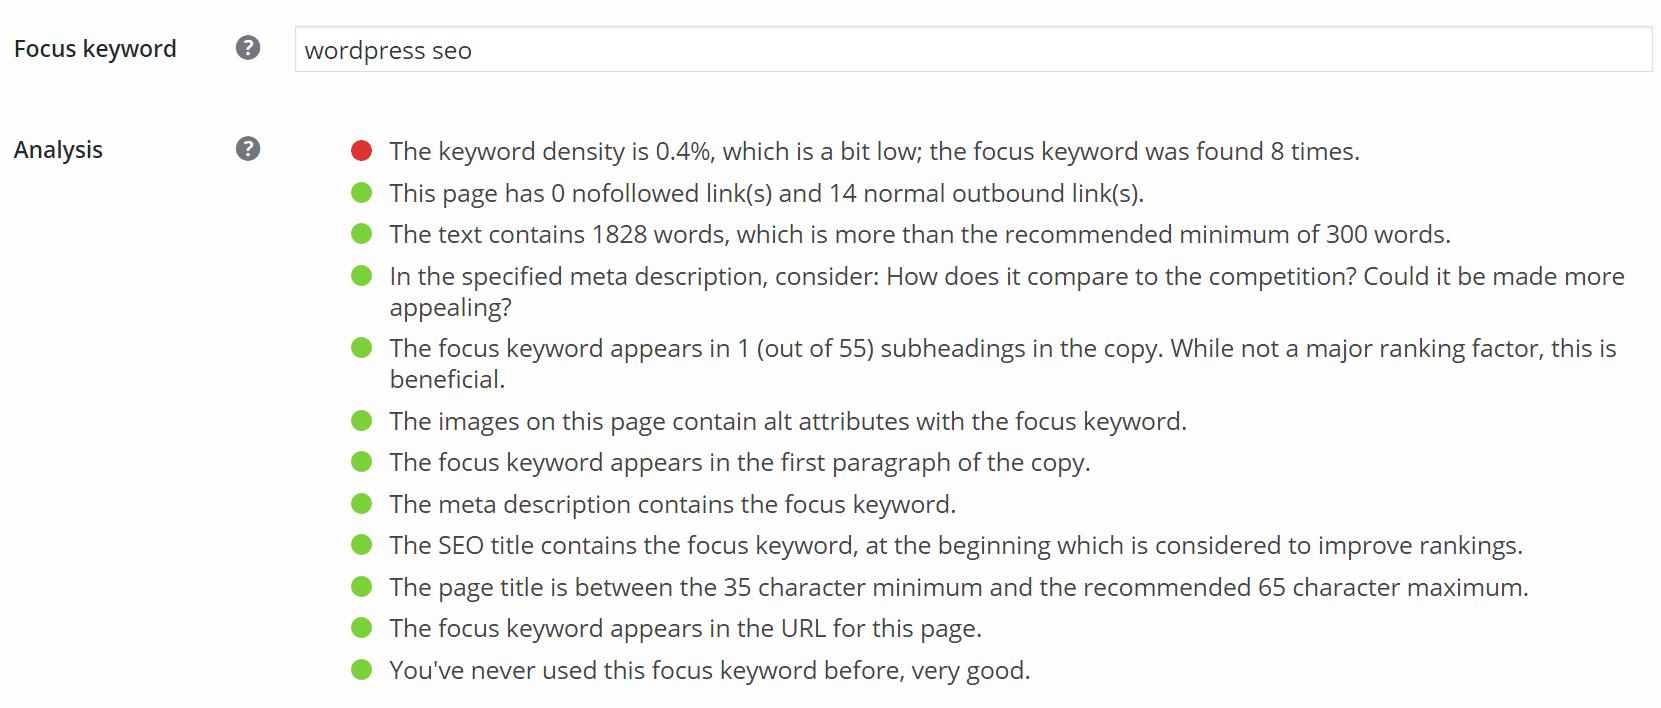 重点キーワード「WordPress SEO」